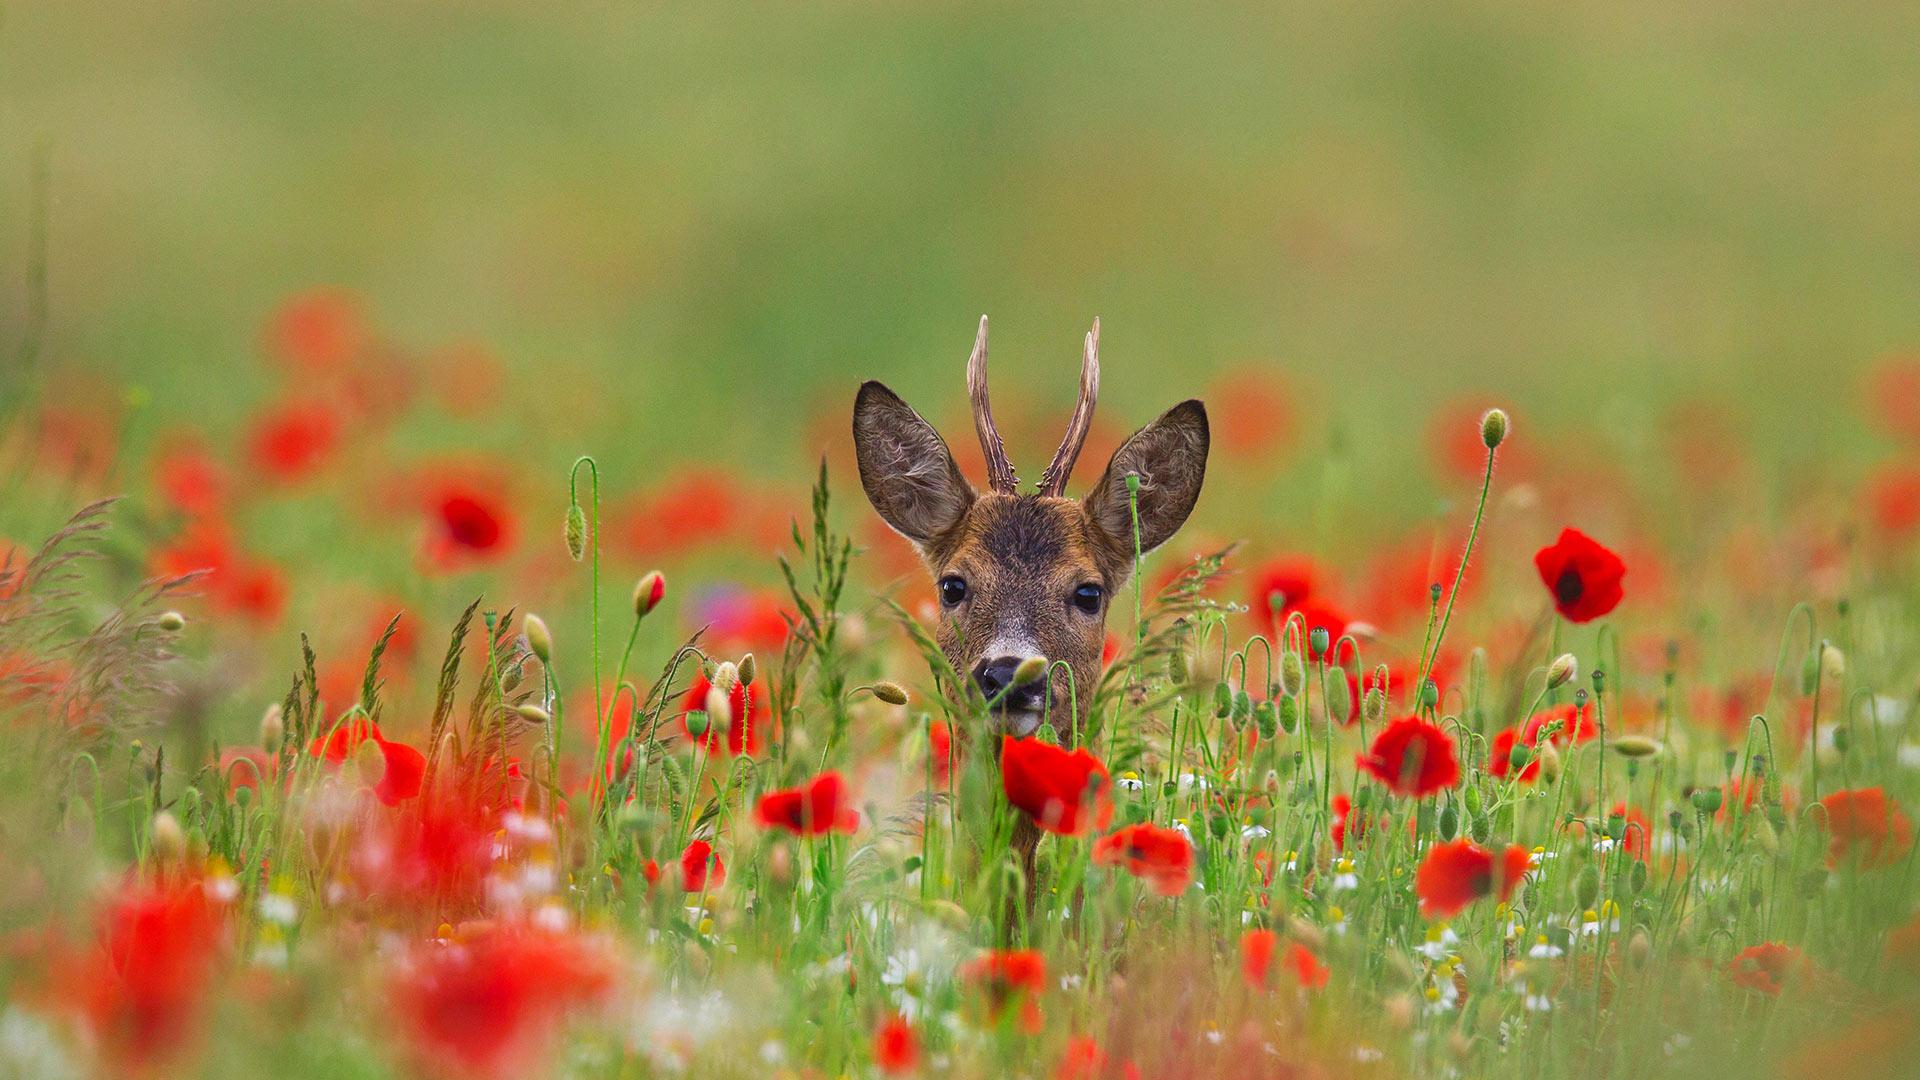 природа, животное, олень, голова, цветы, маки